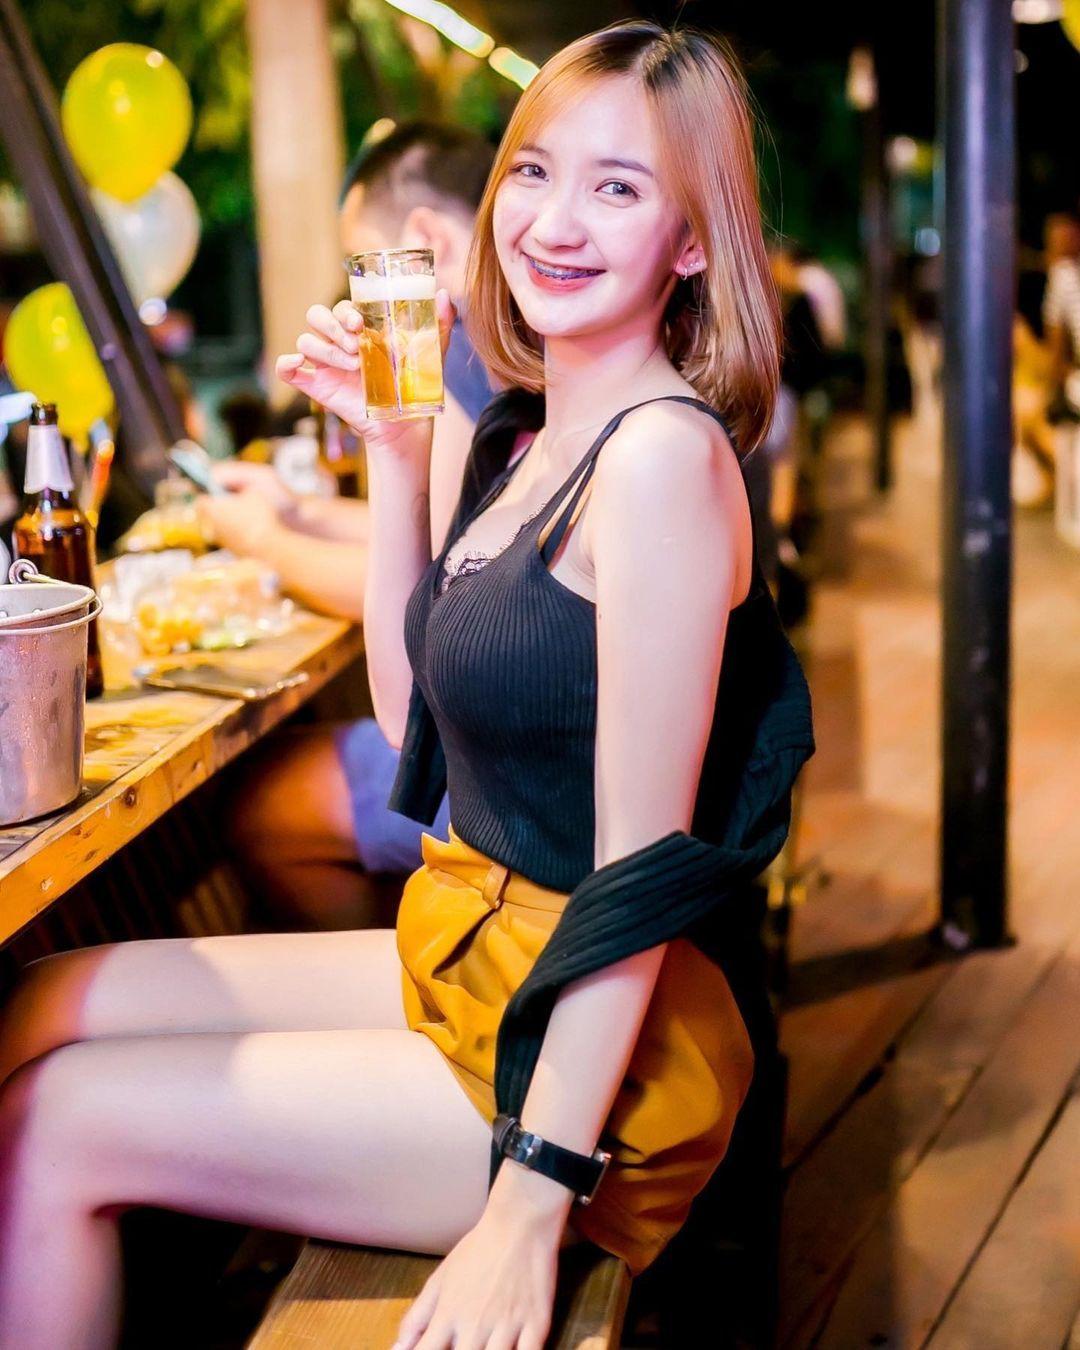 泰国童颜女主播紧身吊嘎低胸人深字沟清晰可见 男人文娱 热图8